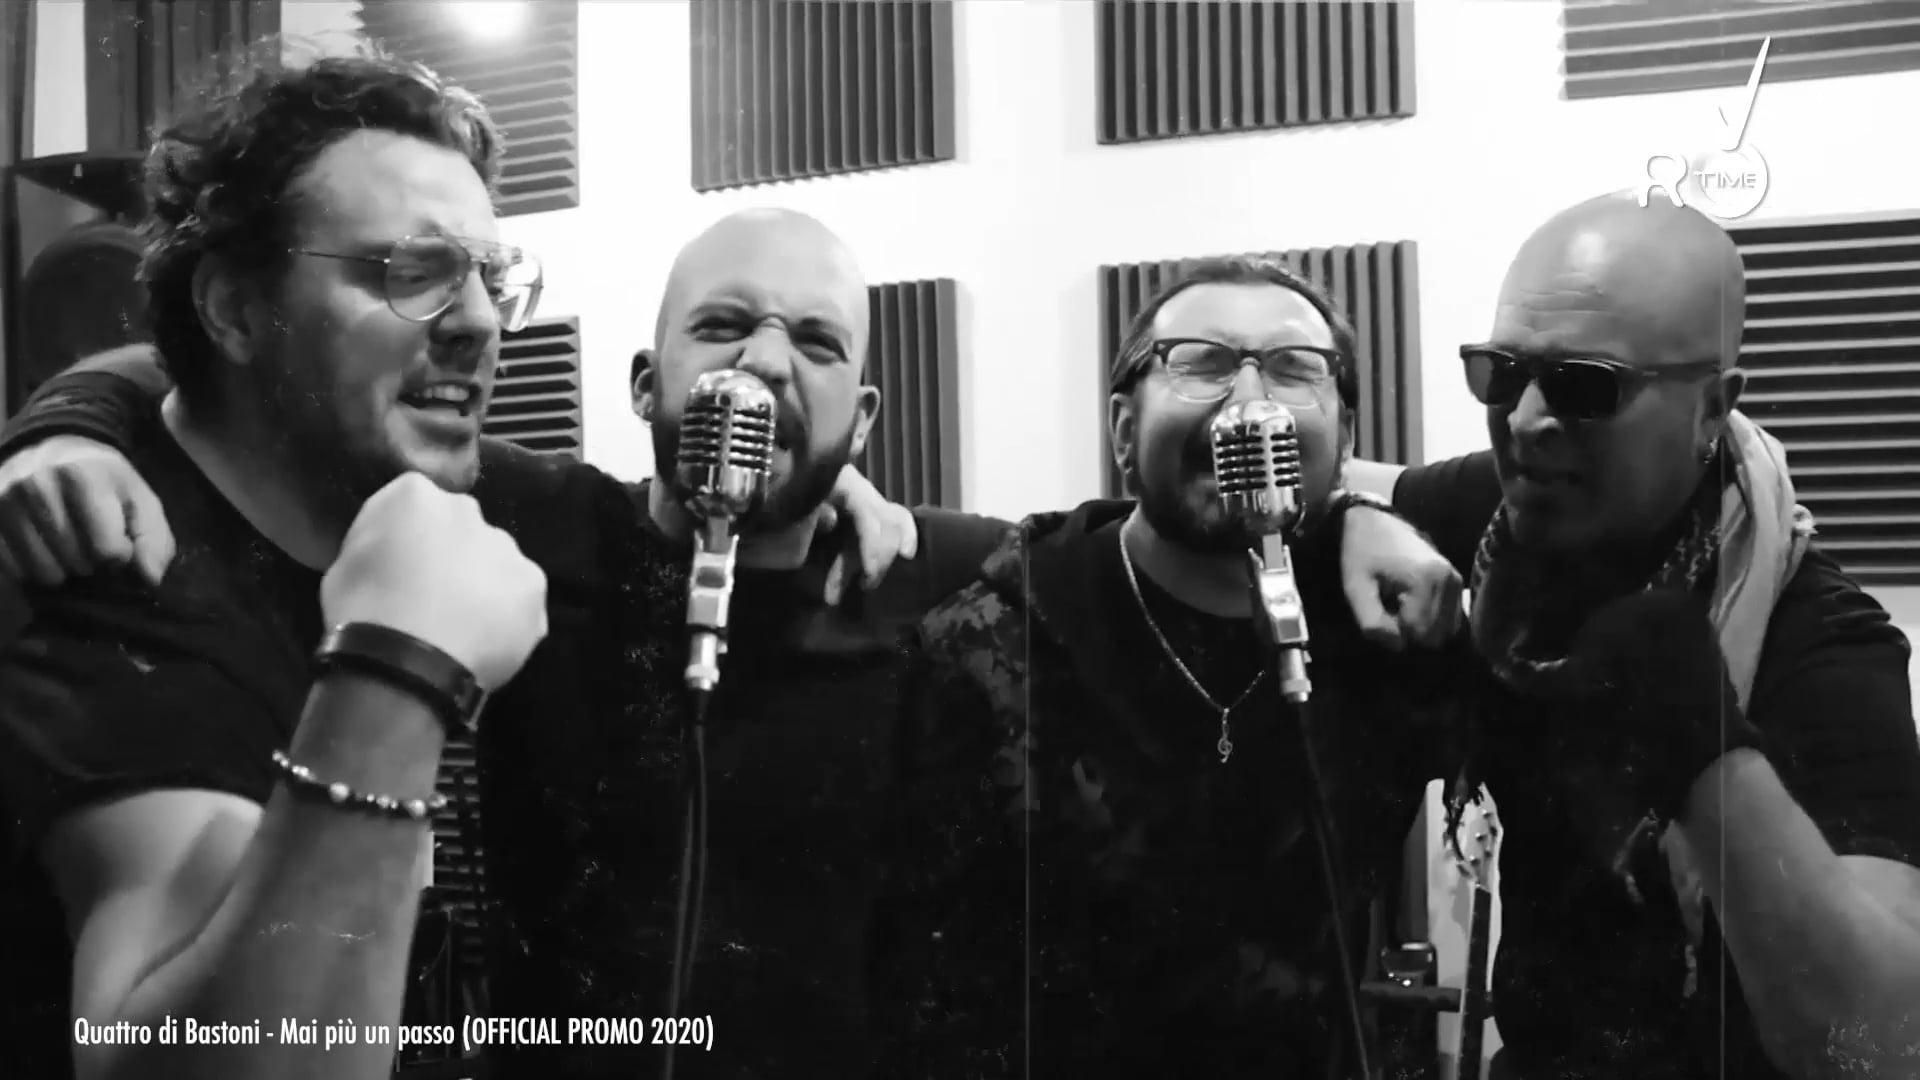 'Quattro di Bastoni', il punk rock rivive con la band sanremese